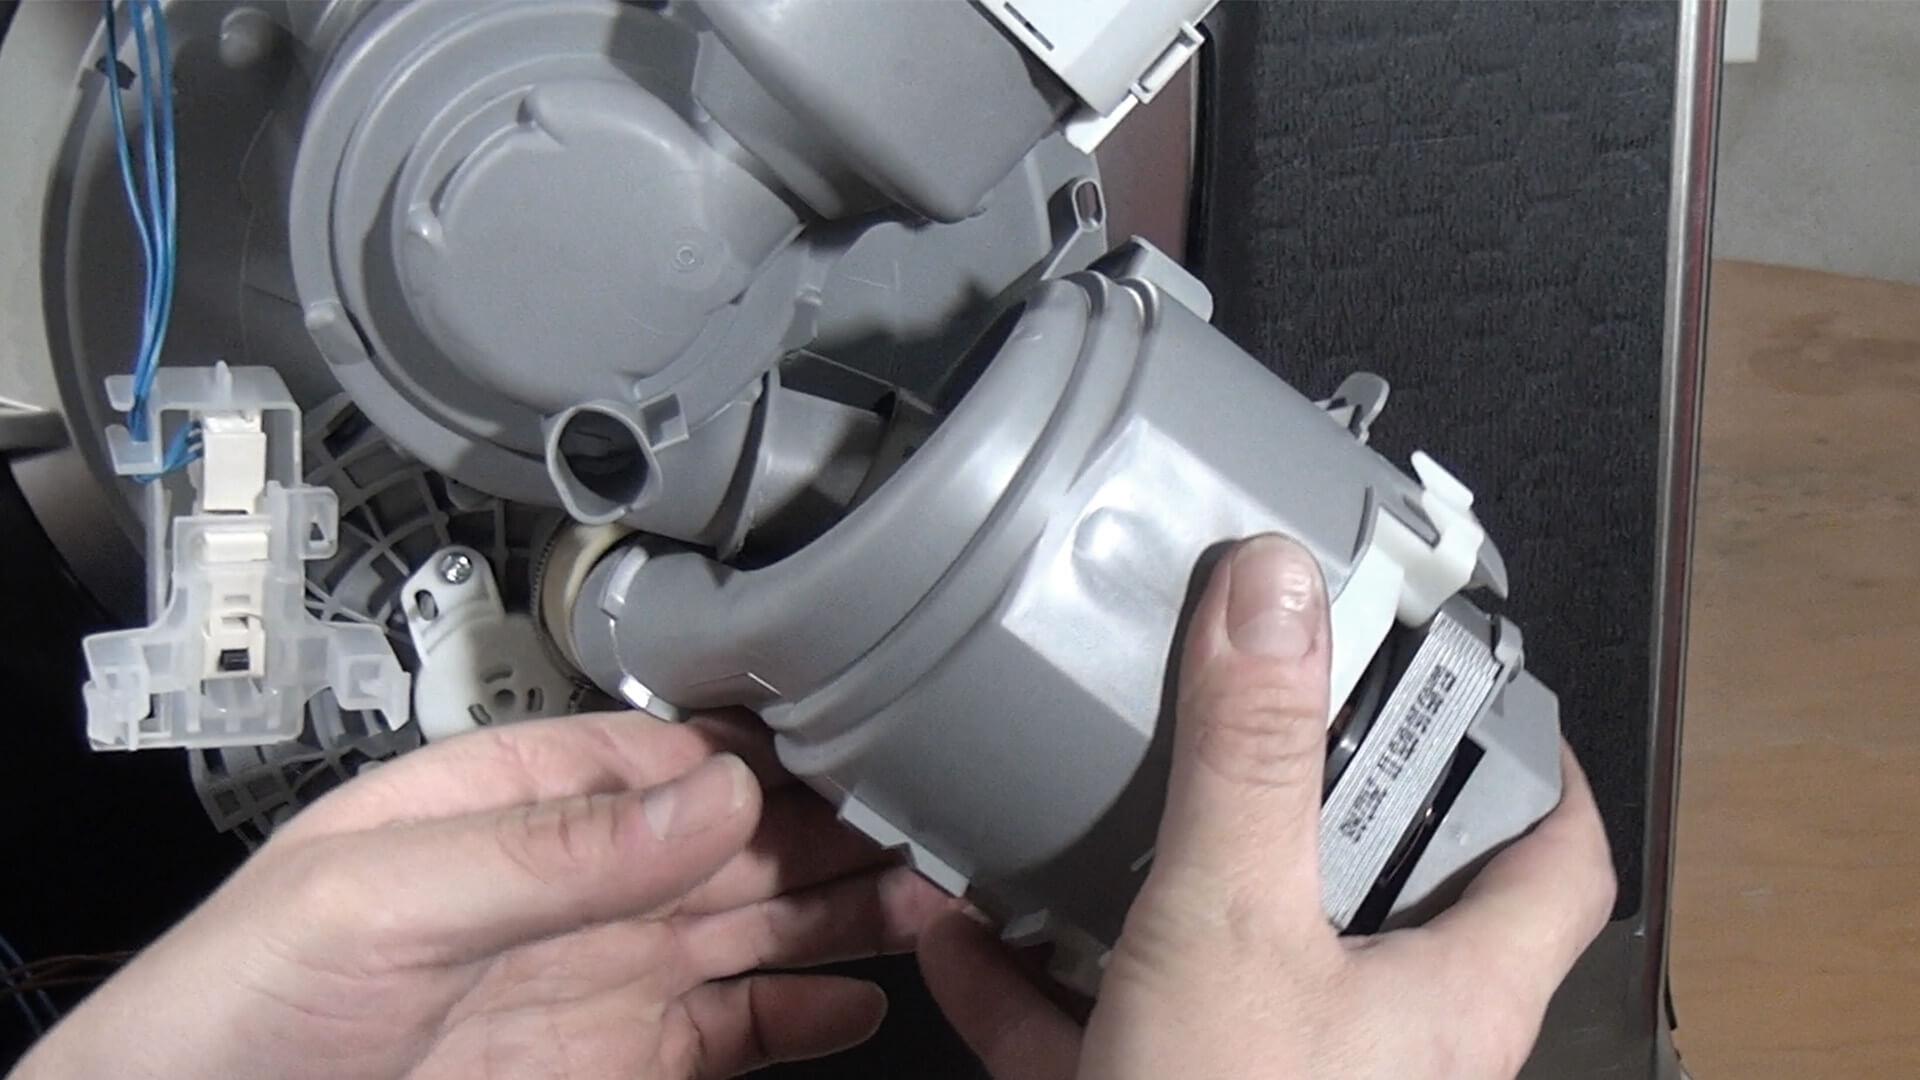 Bosch Geschirrspüler - Heizpumpe austauschen